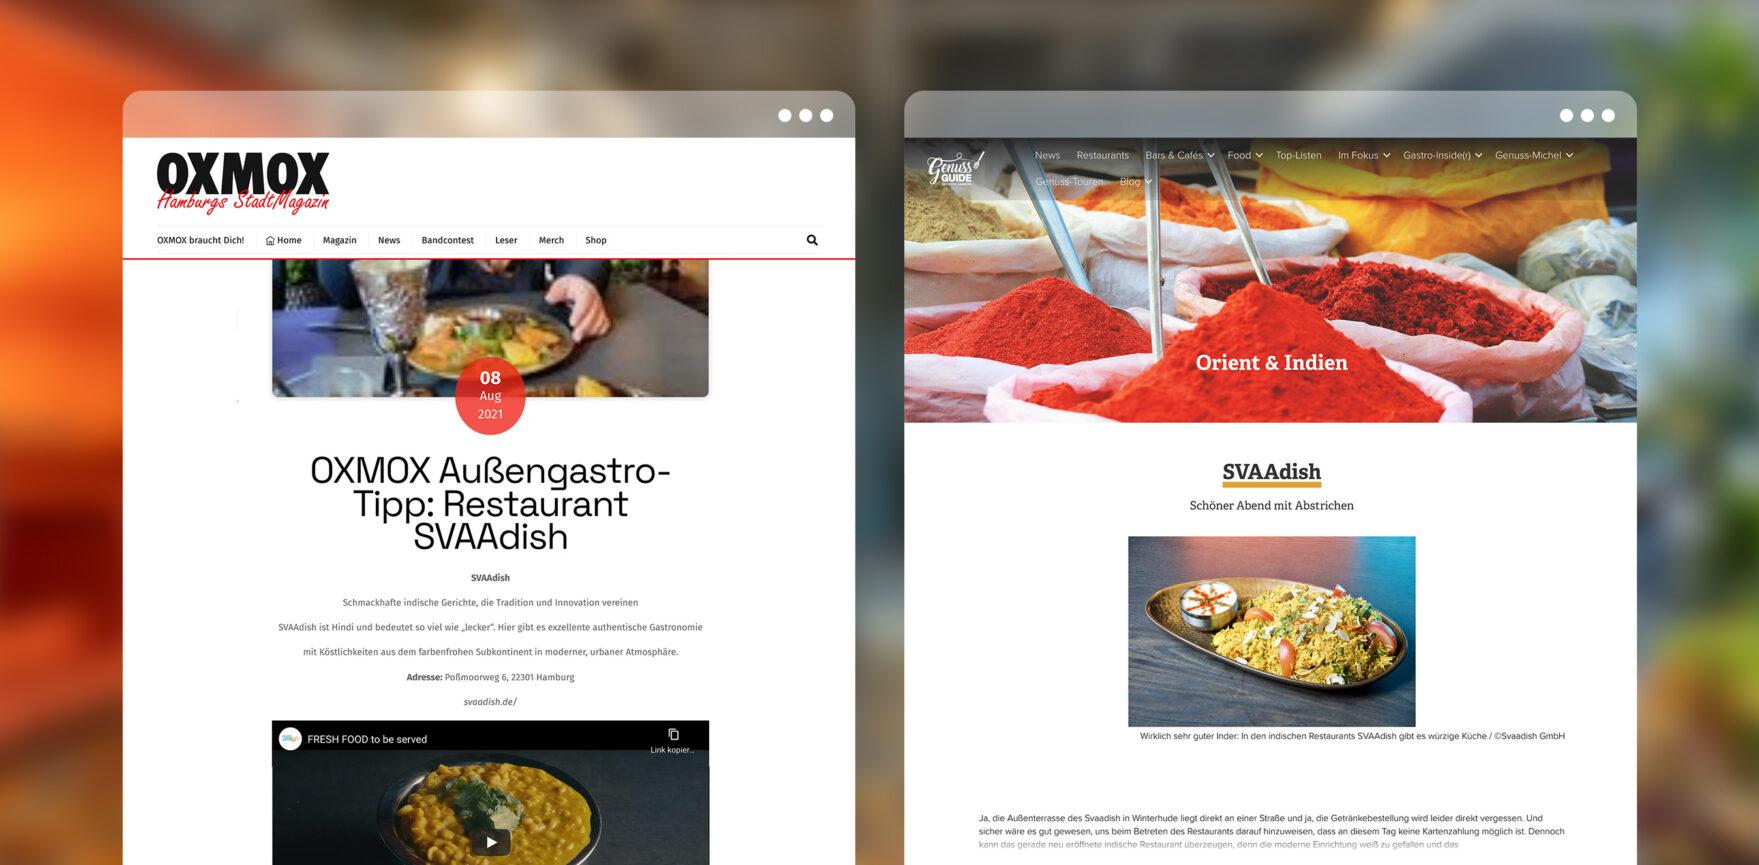 Online-Artikel Pressearbeit SVAAdish OXMOX und GenussGuide